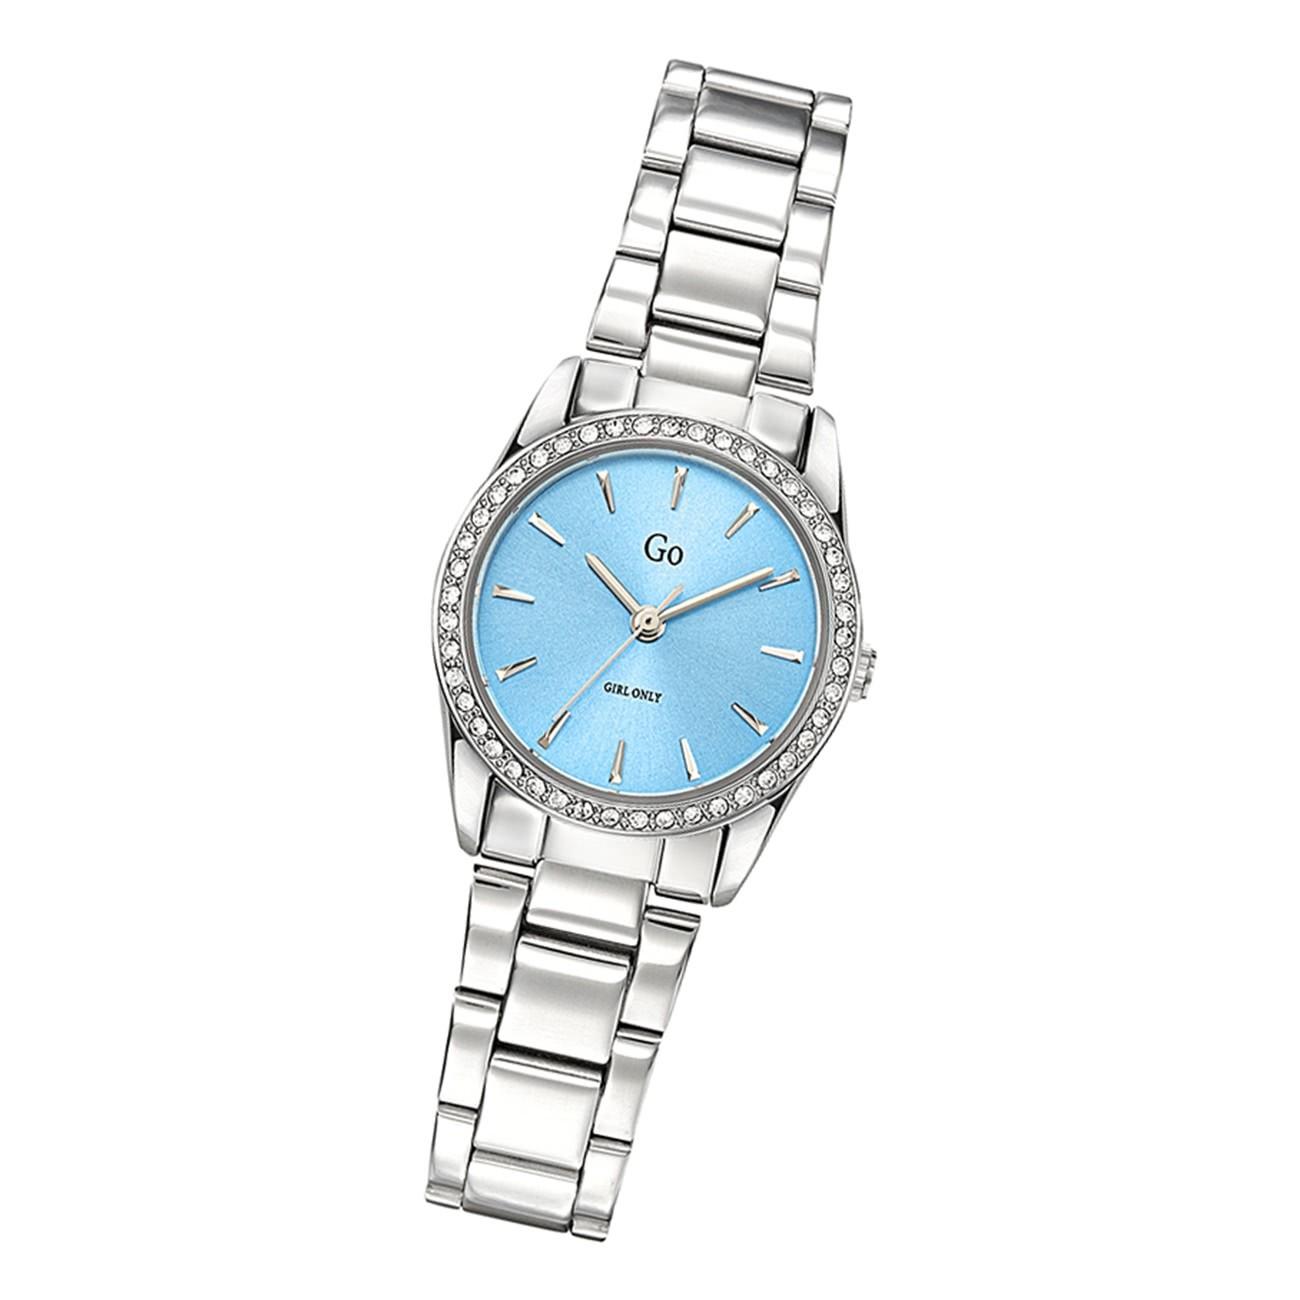 Girl Only Damen Armbanduhr GO 695311 Analog Quarz Uhr Edelstahl silber UGO695311